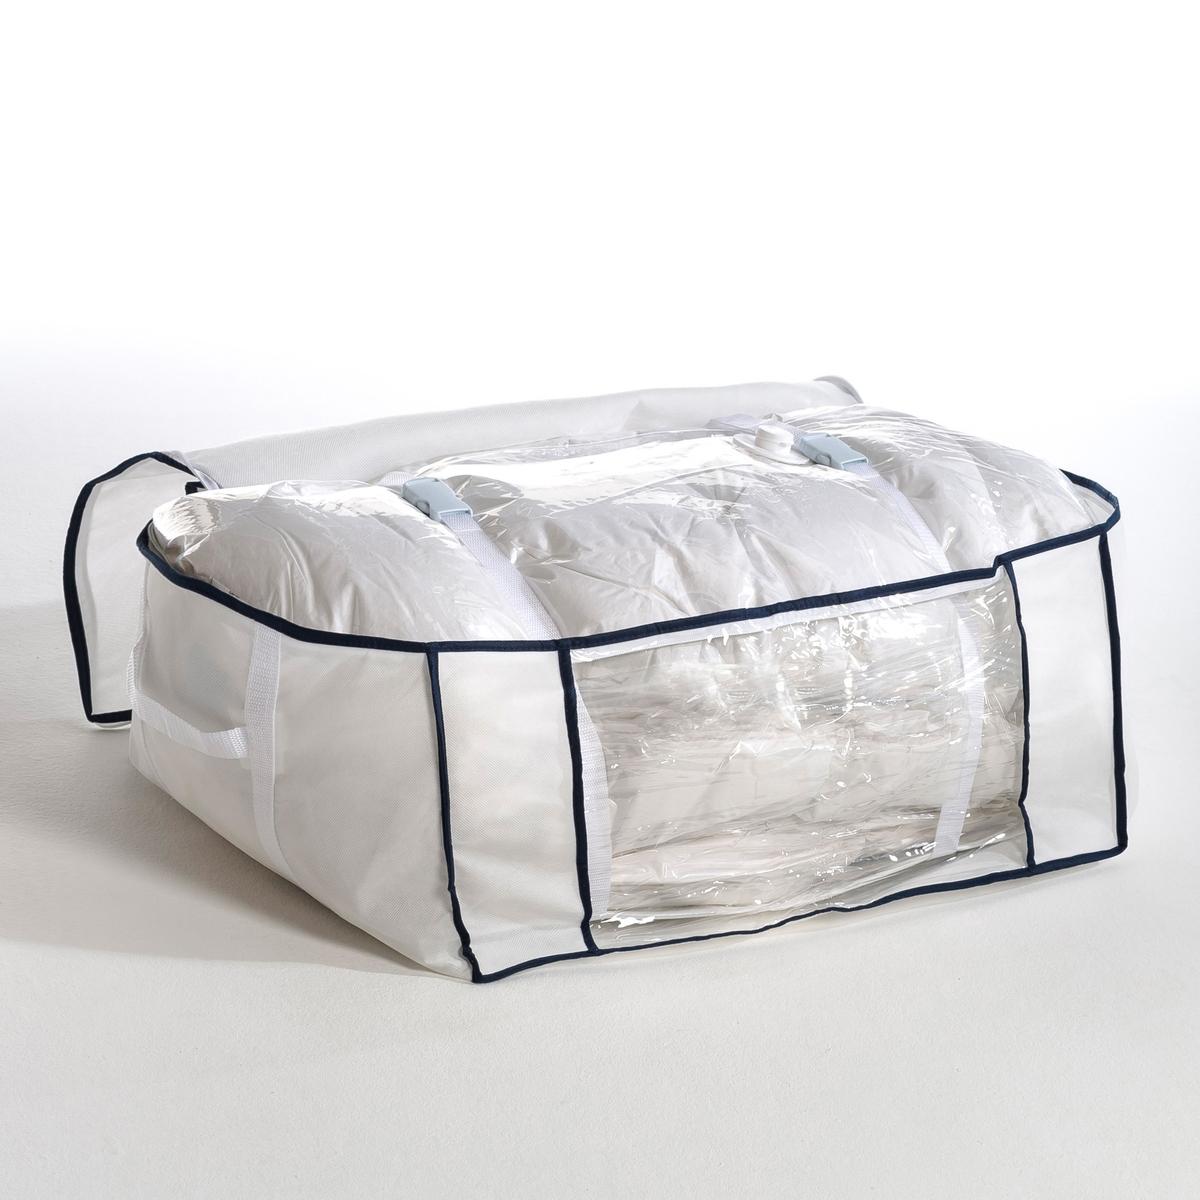 Чехол вакуумный, Ш.62 x В.27 x Г.49,5 смЭкономия места до 75%! Идеально подходит для поездок, так как позволяет значительно экономить место в багаже.Описание вакуумного чехла :Пакет с защитным чехлом внутри просто необходим для организации хранения Ваших вещей, одеял, покрывал и подушек.Всасывание воздуха пылесосом.2 стягивающих ремня для удержания вещей в сжатом состоянии.Характеристики вакуумного чехла :Нетканый материалВнутренний пакет из прозрачного пластикаЗастежка на молнию.Размеры вакуумного чехла :Ш.62 x В.27 x Г.49,5 см, размеры внутреннего пакета : Ш.109 x В.97 x Г.48 см.<br><br>Цвет: белый<br>Размер: единый размер